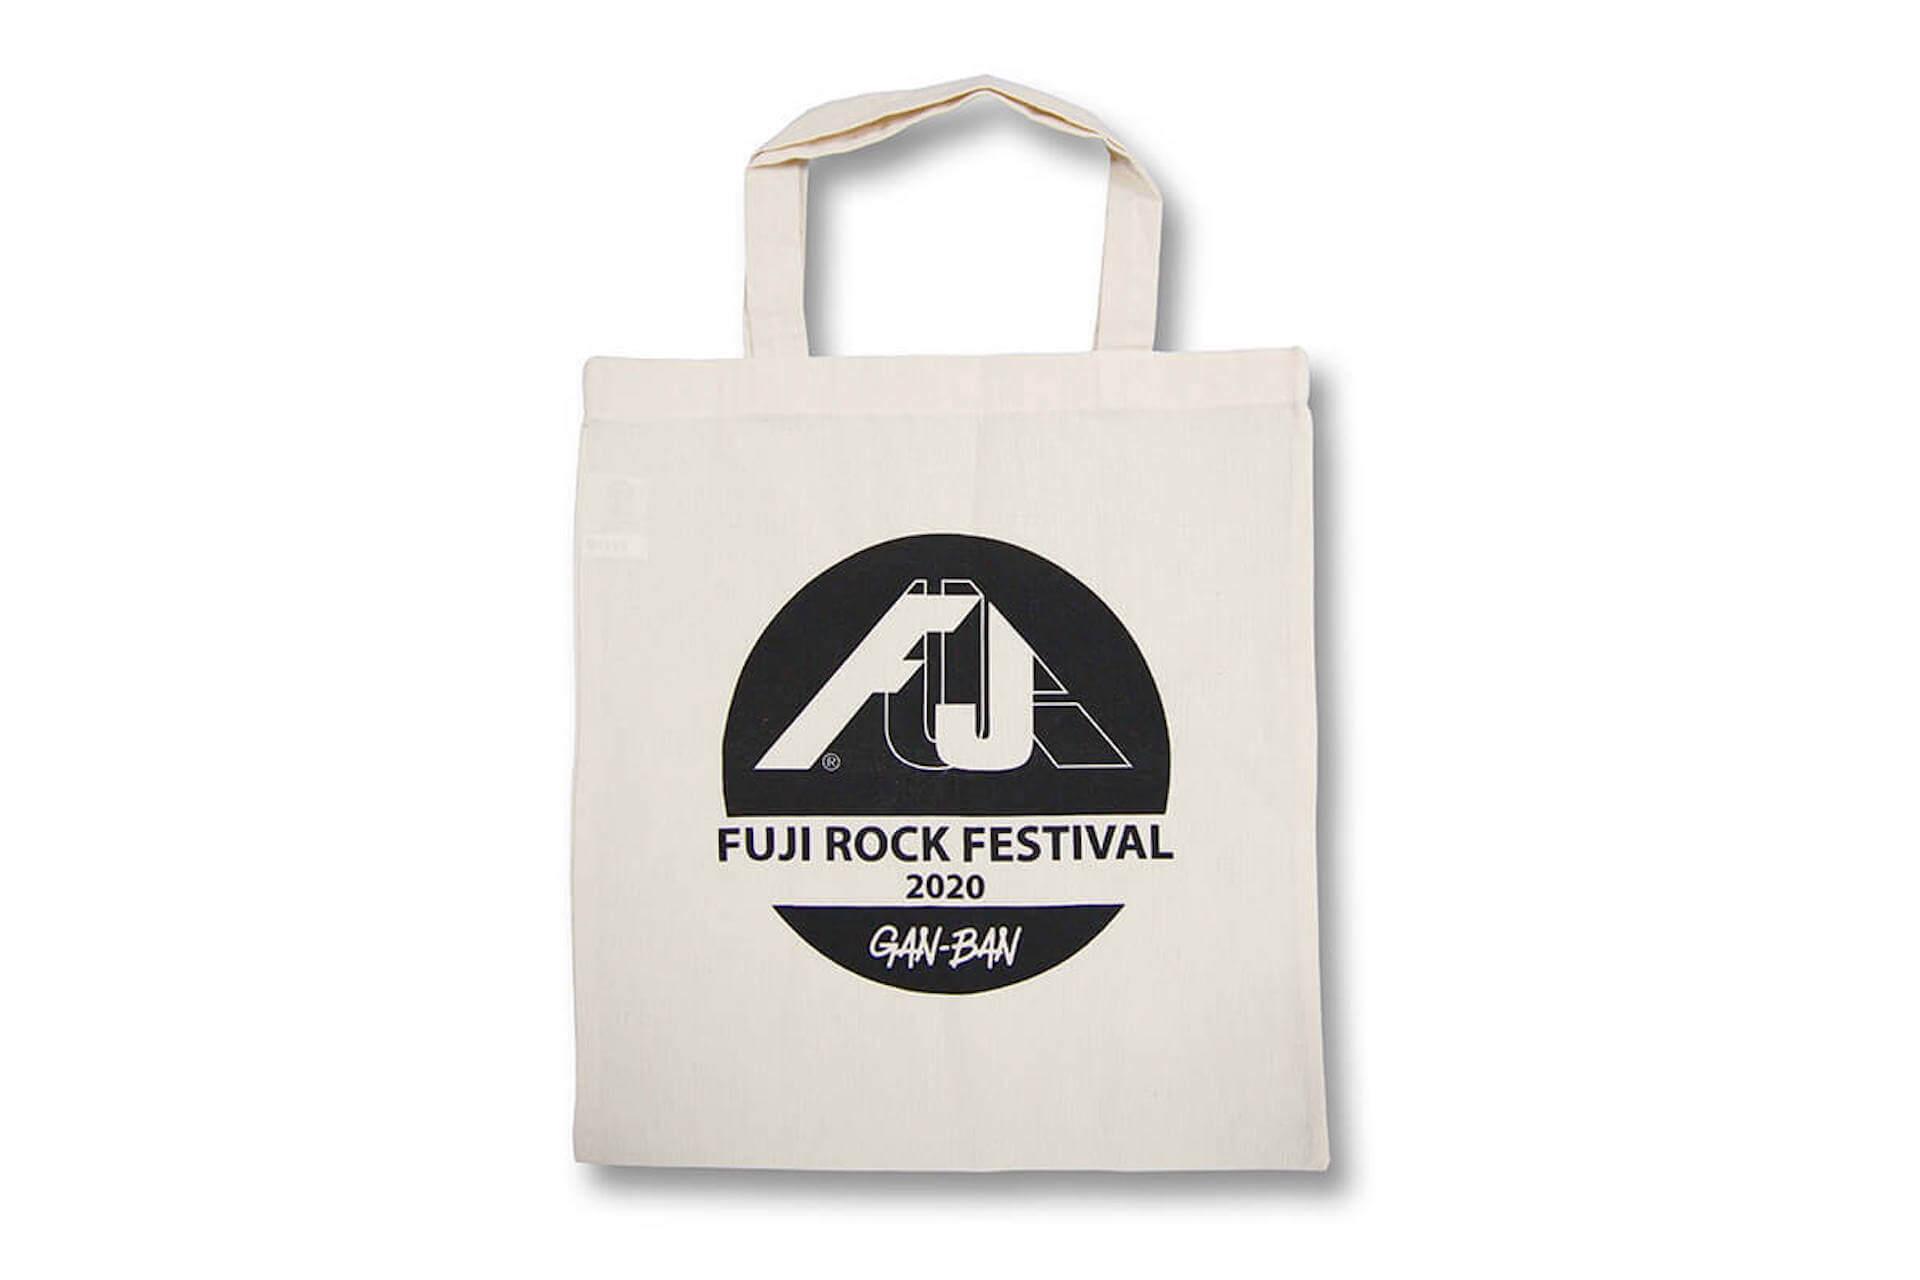 開催延期のフジロック新企画!<Keep On Fuji Rockin'>がスタート|過去のライブ映像配信&Twitterプレゼントキャンペーンも music200731_fujirock_3